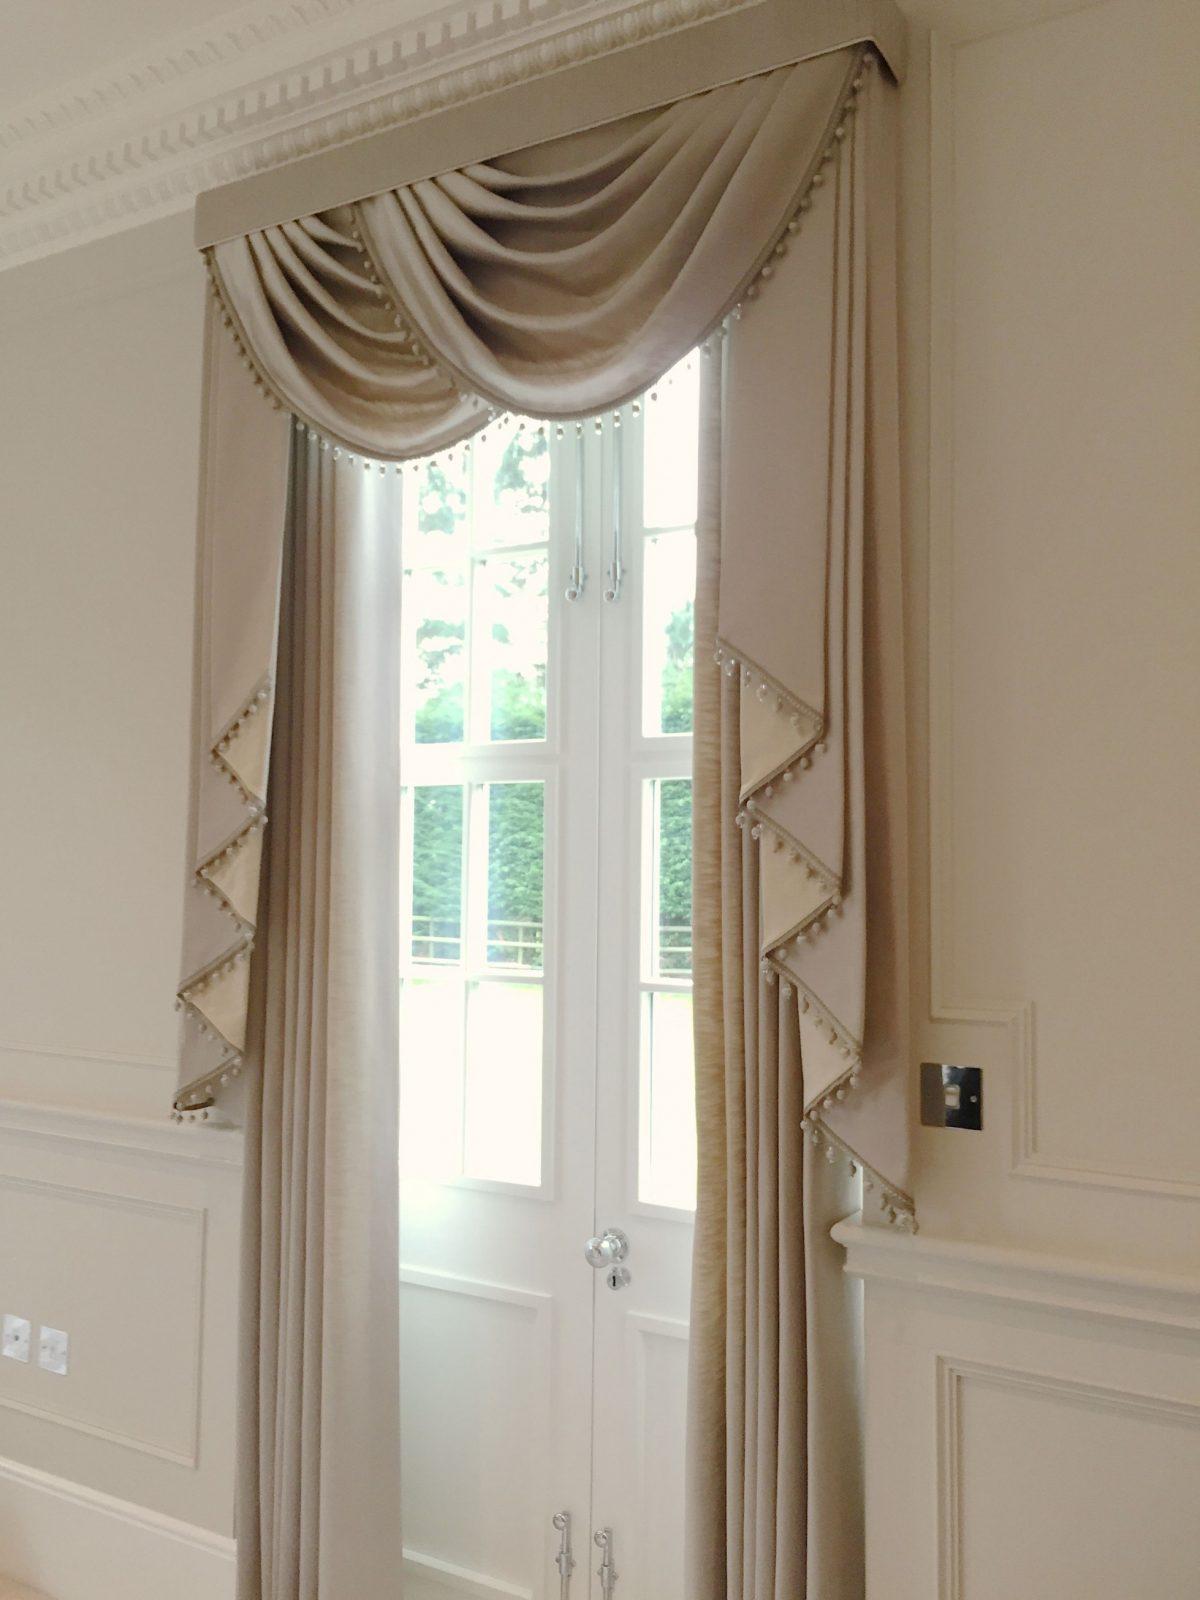 Elegante Fenster Schabracken Home Vorhang Ideen Eleganten von Vorhang Ideen Schlafzimmer Photo